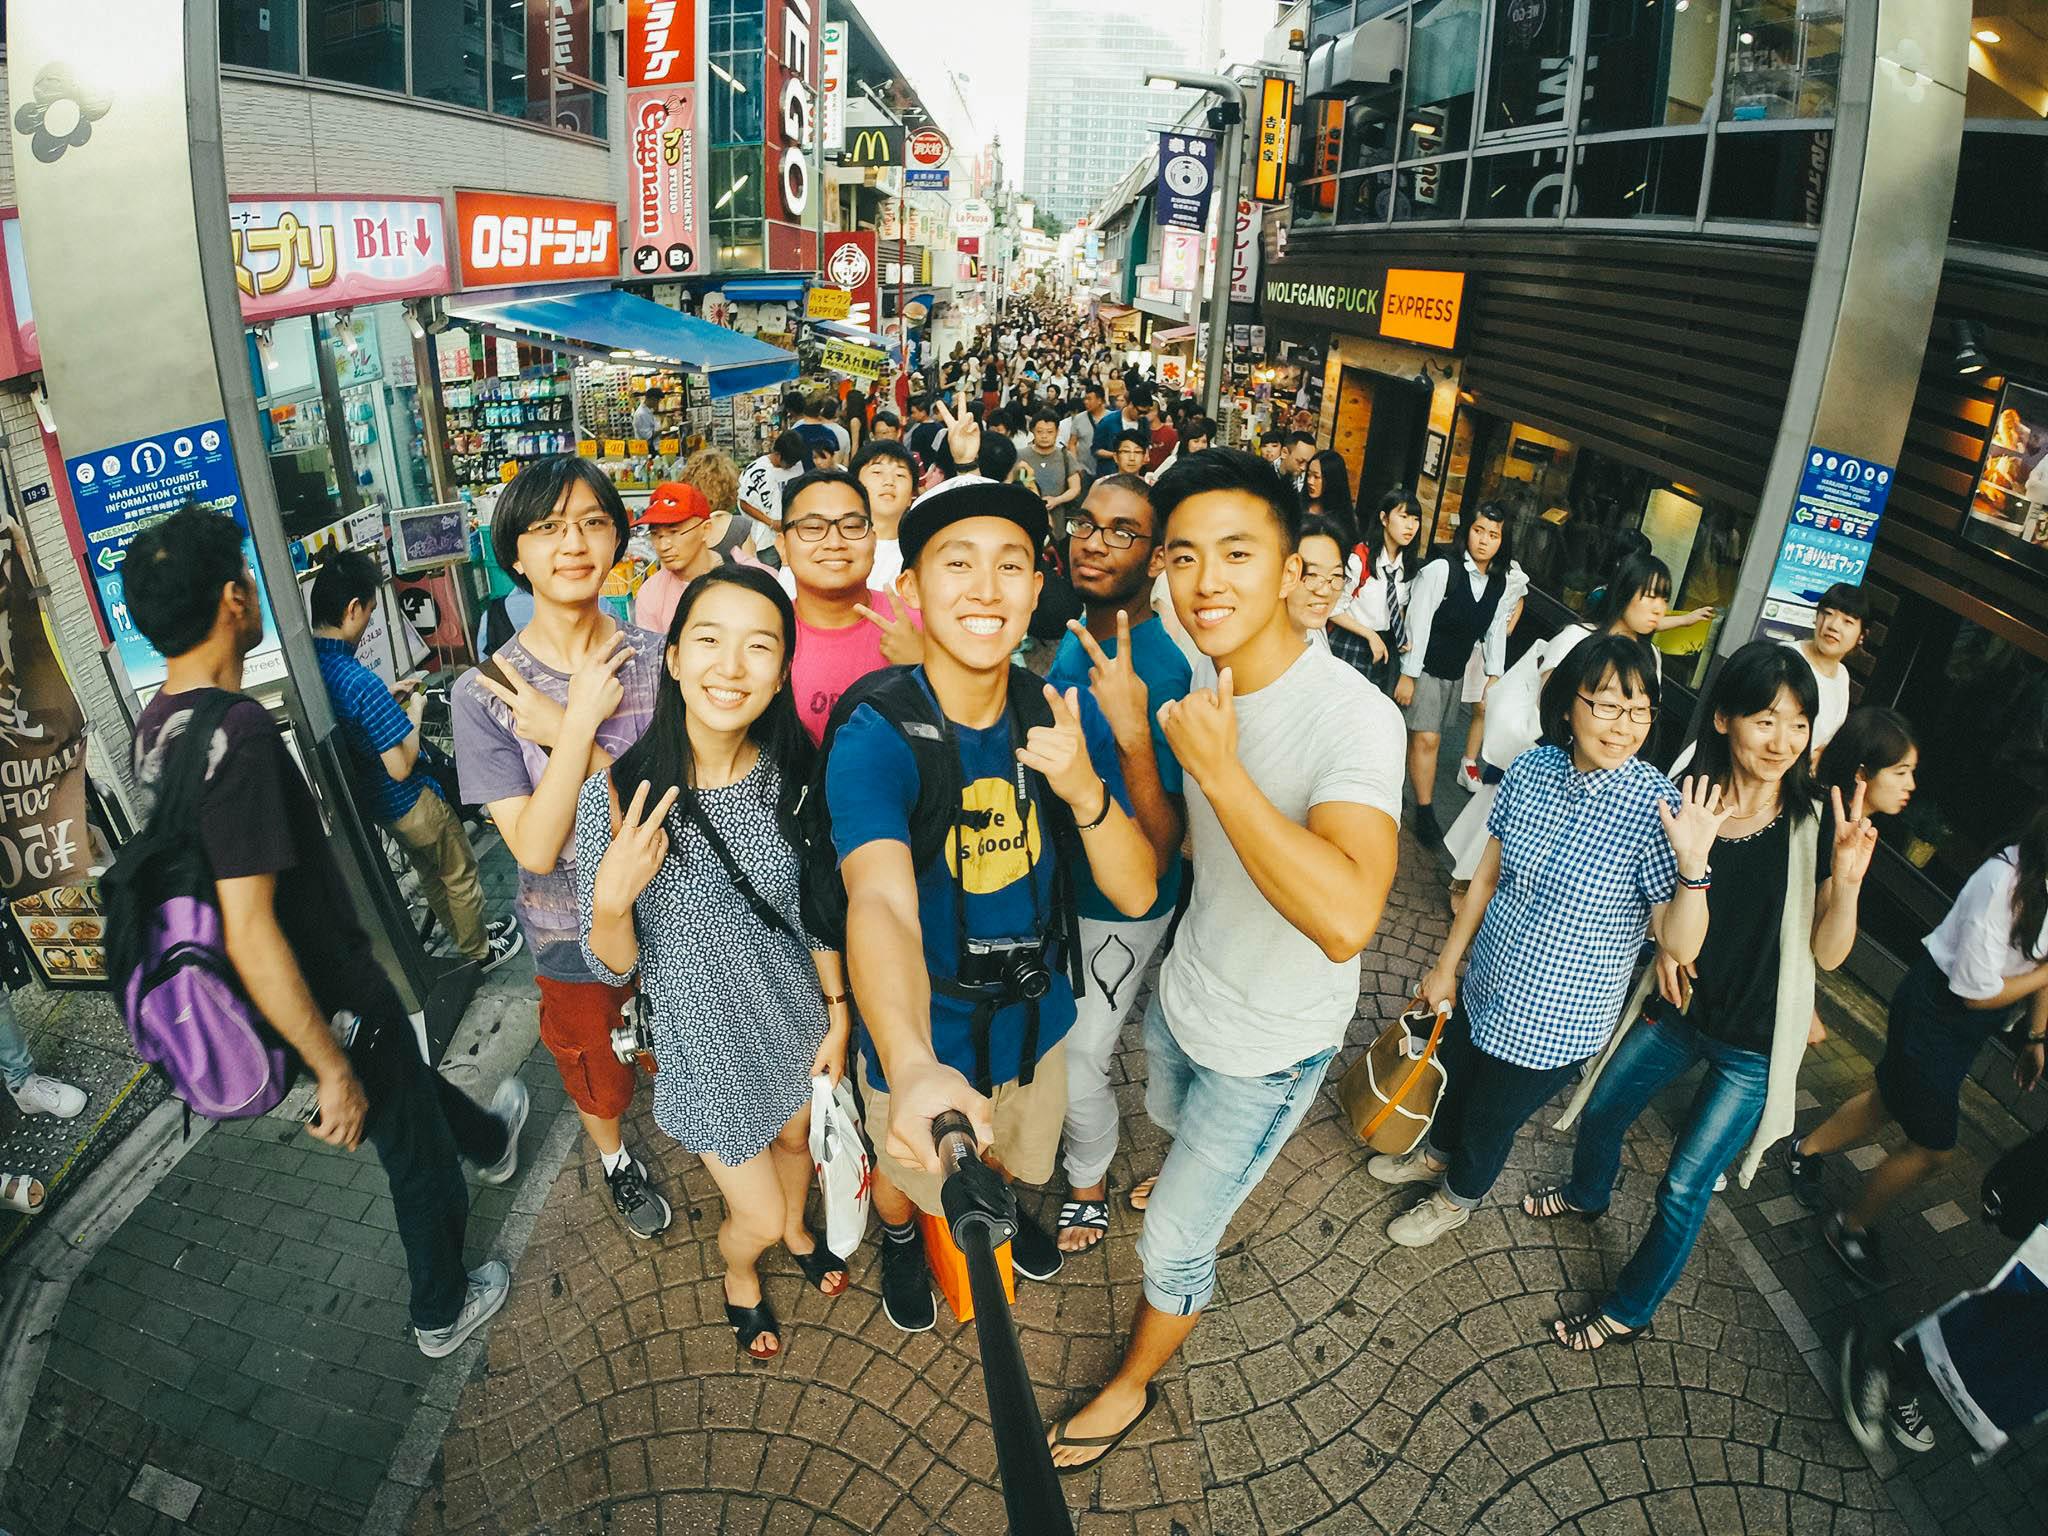 Photo Credit: Jun Ooi